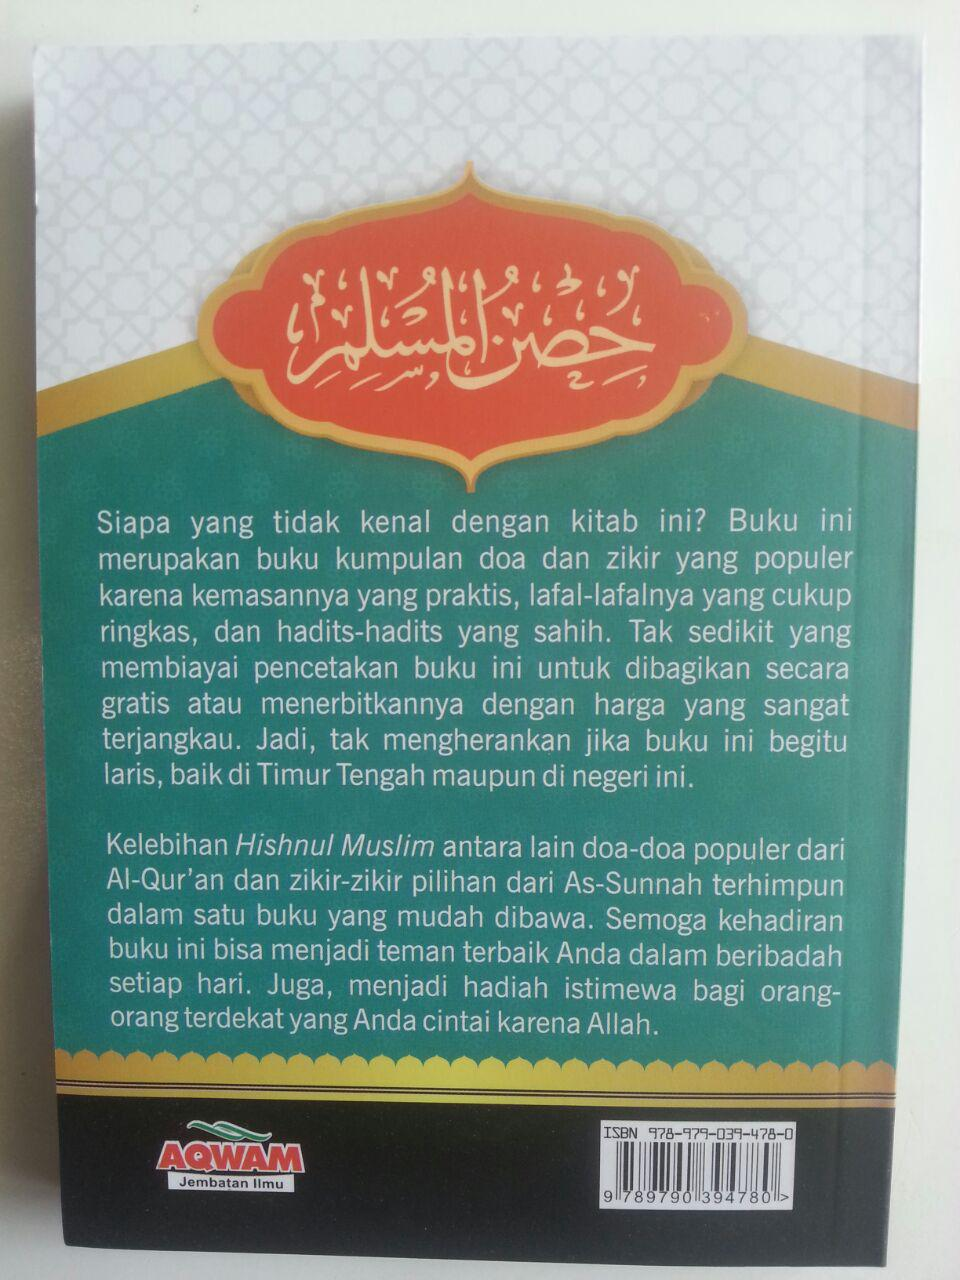 Buku Hishnul Muslim Doa Dan Zikir Sehari-Hari Dari Quran Sunnah cover